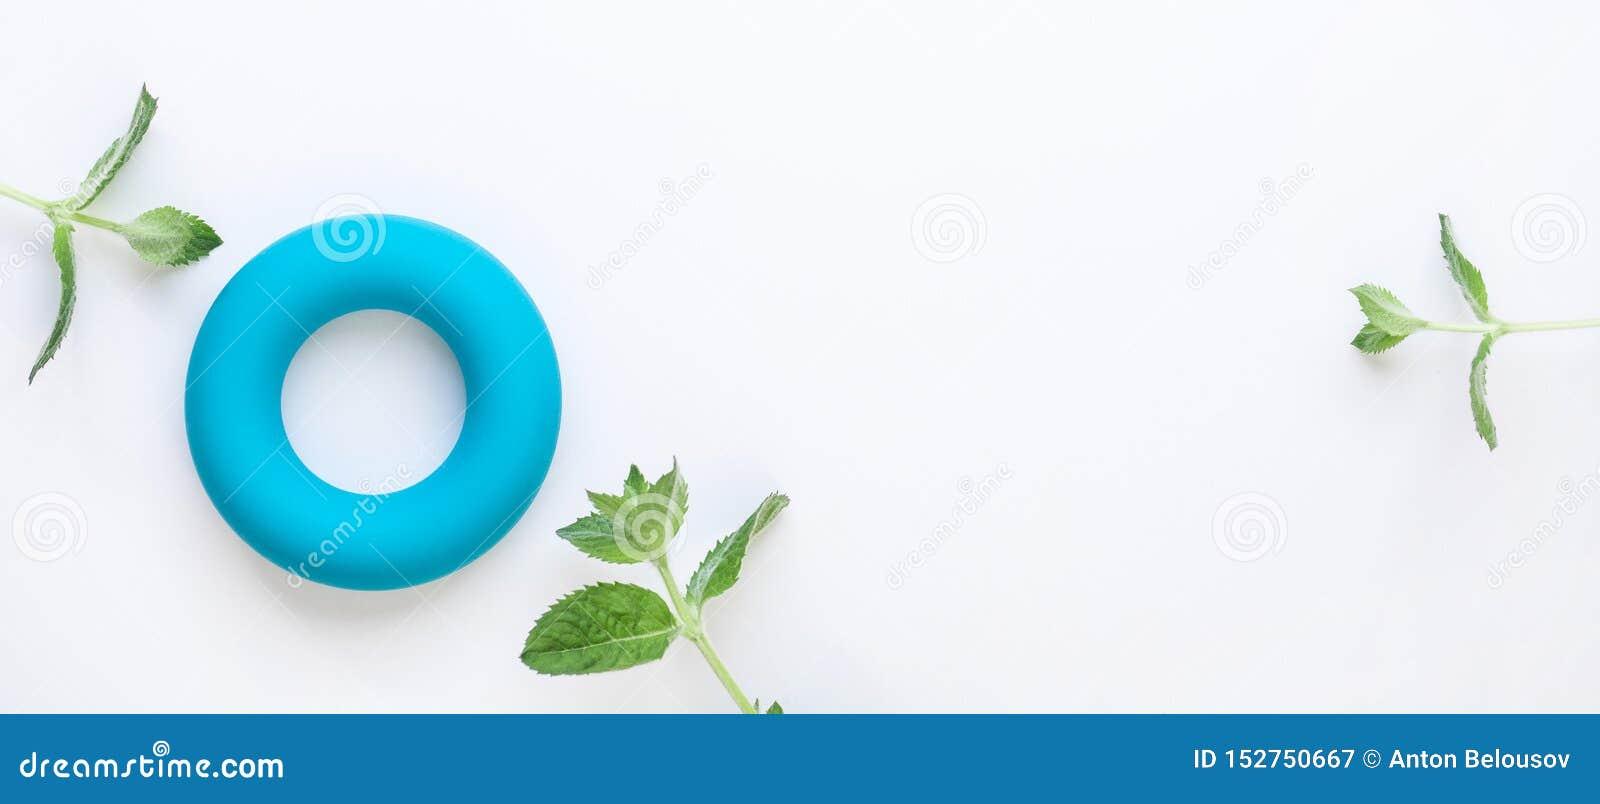 Μηές θερμίδες και μηδέν minimalistic υπόβαθρο έννοιας αποβλήτων Μπλε δακτύλιο και φρέσκα πράσινα φύλλα μεντών στο άσπρο υπόβαθρο